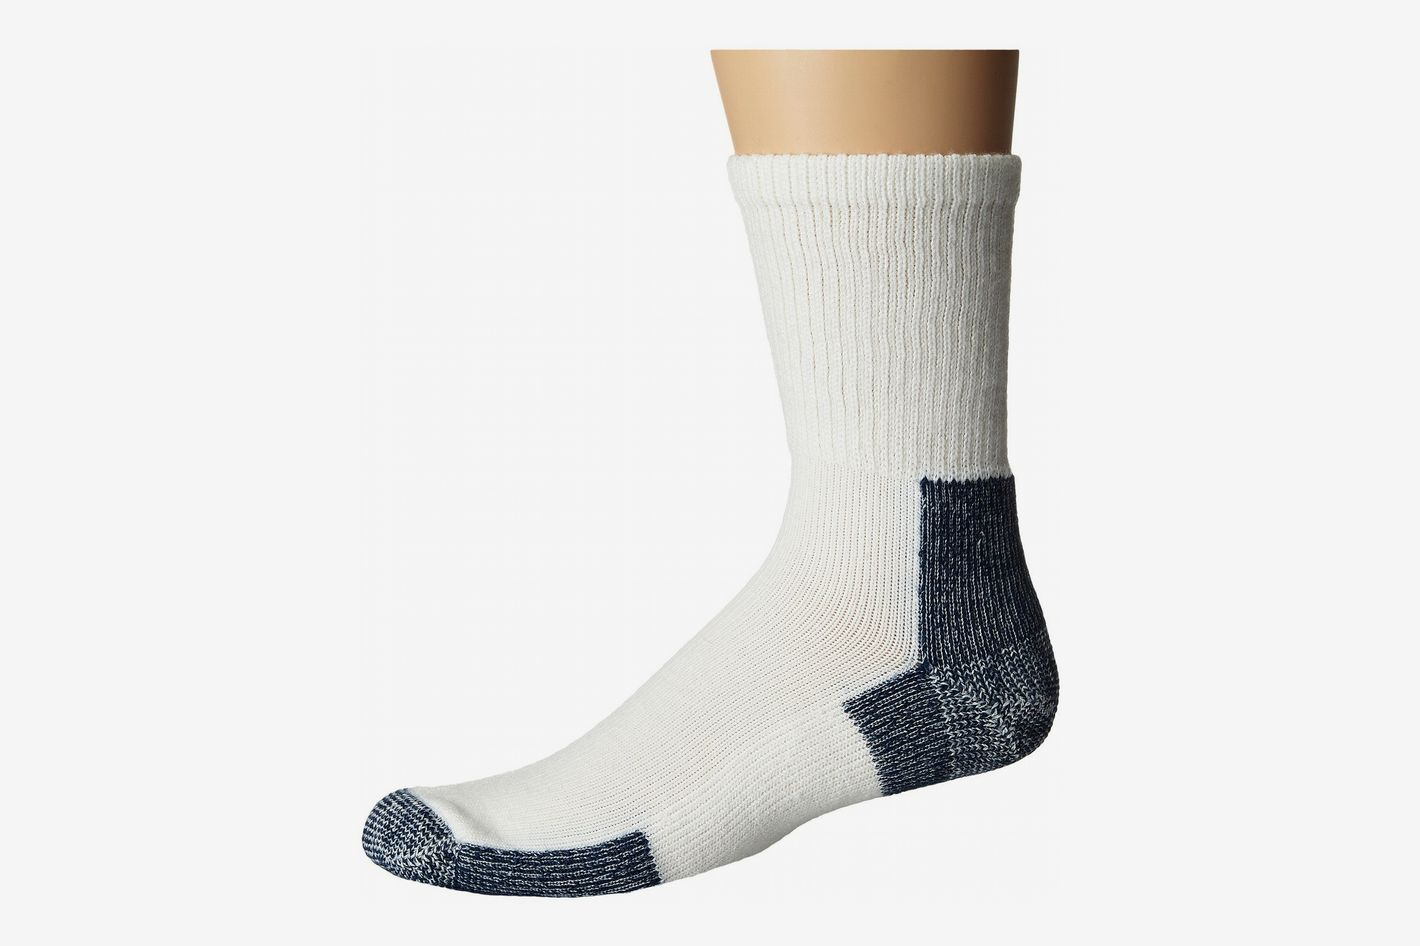 Thorlos Running Crew Socks